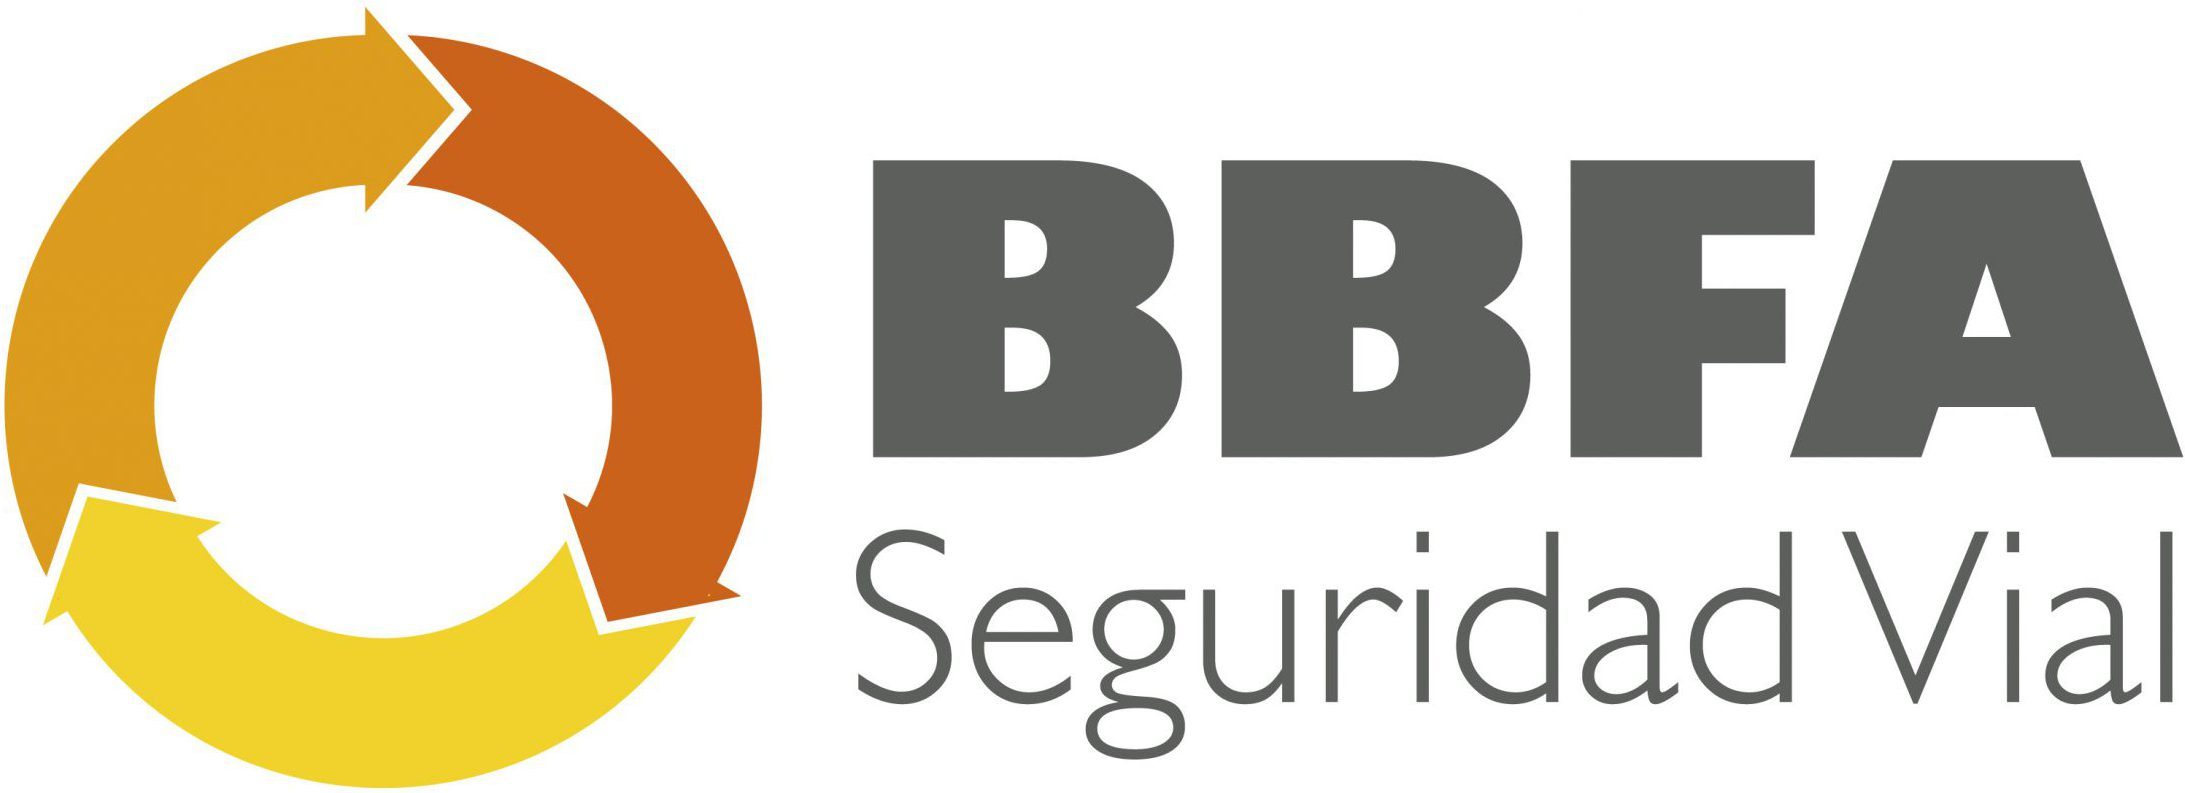 BBFA Seguridad Vial